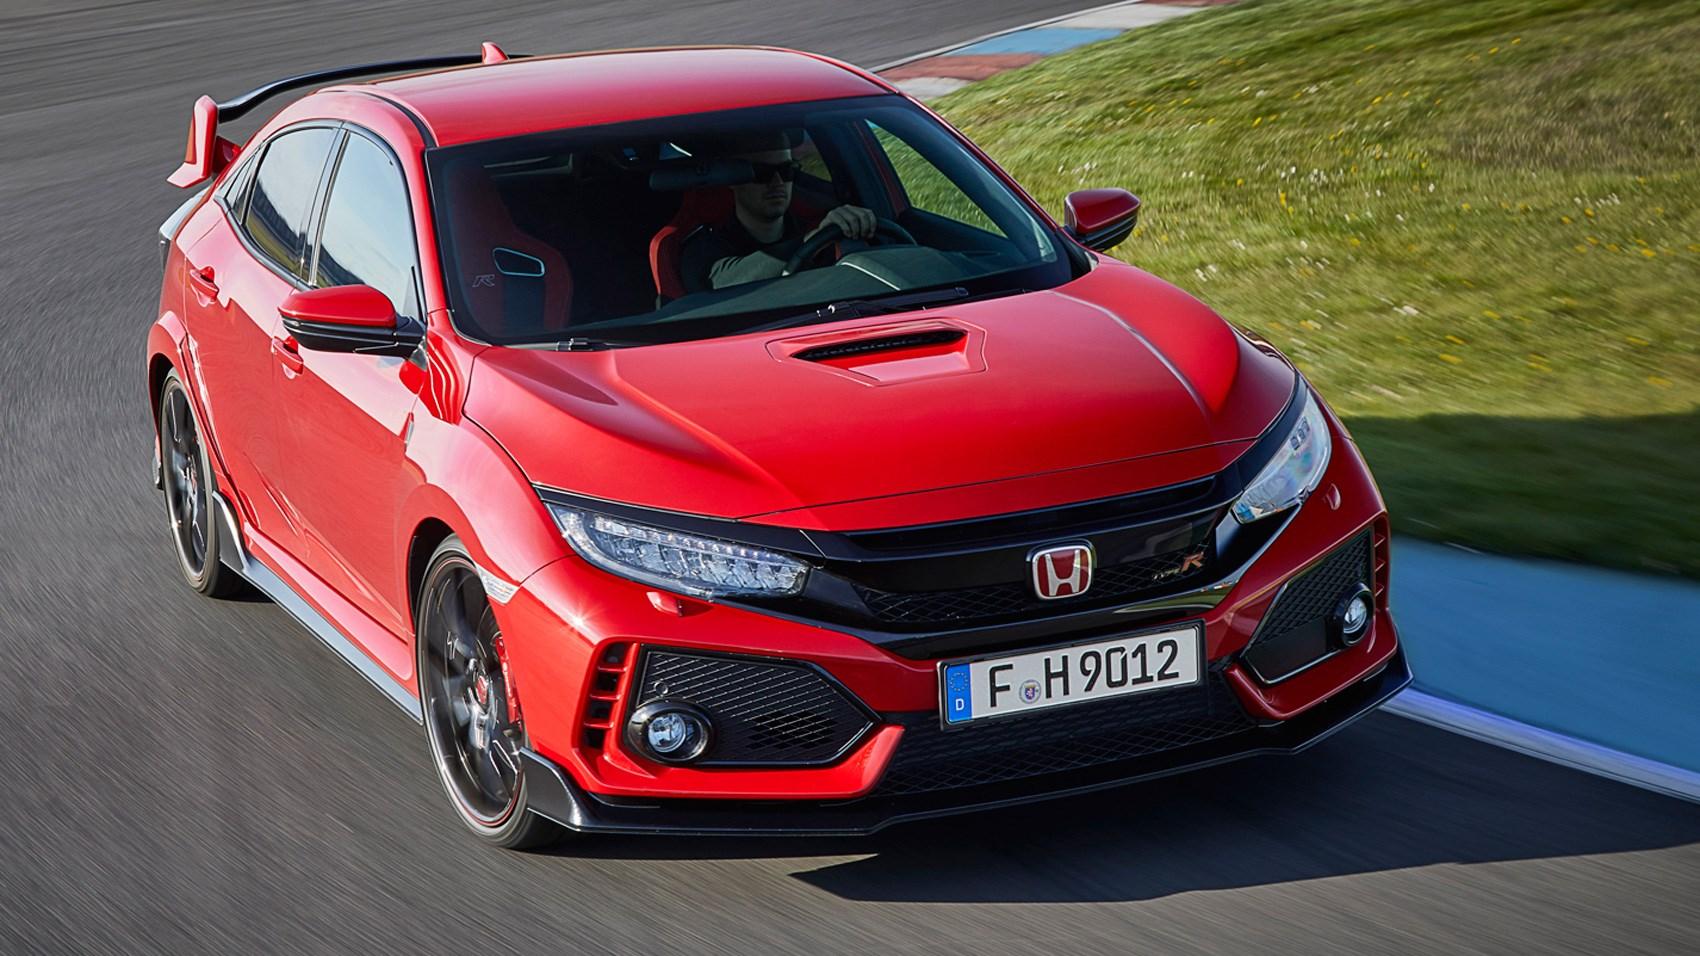 Honda Civic Lease >> Honda Civic Type R (2017) review | CAR Magazine